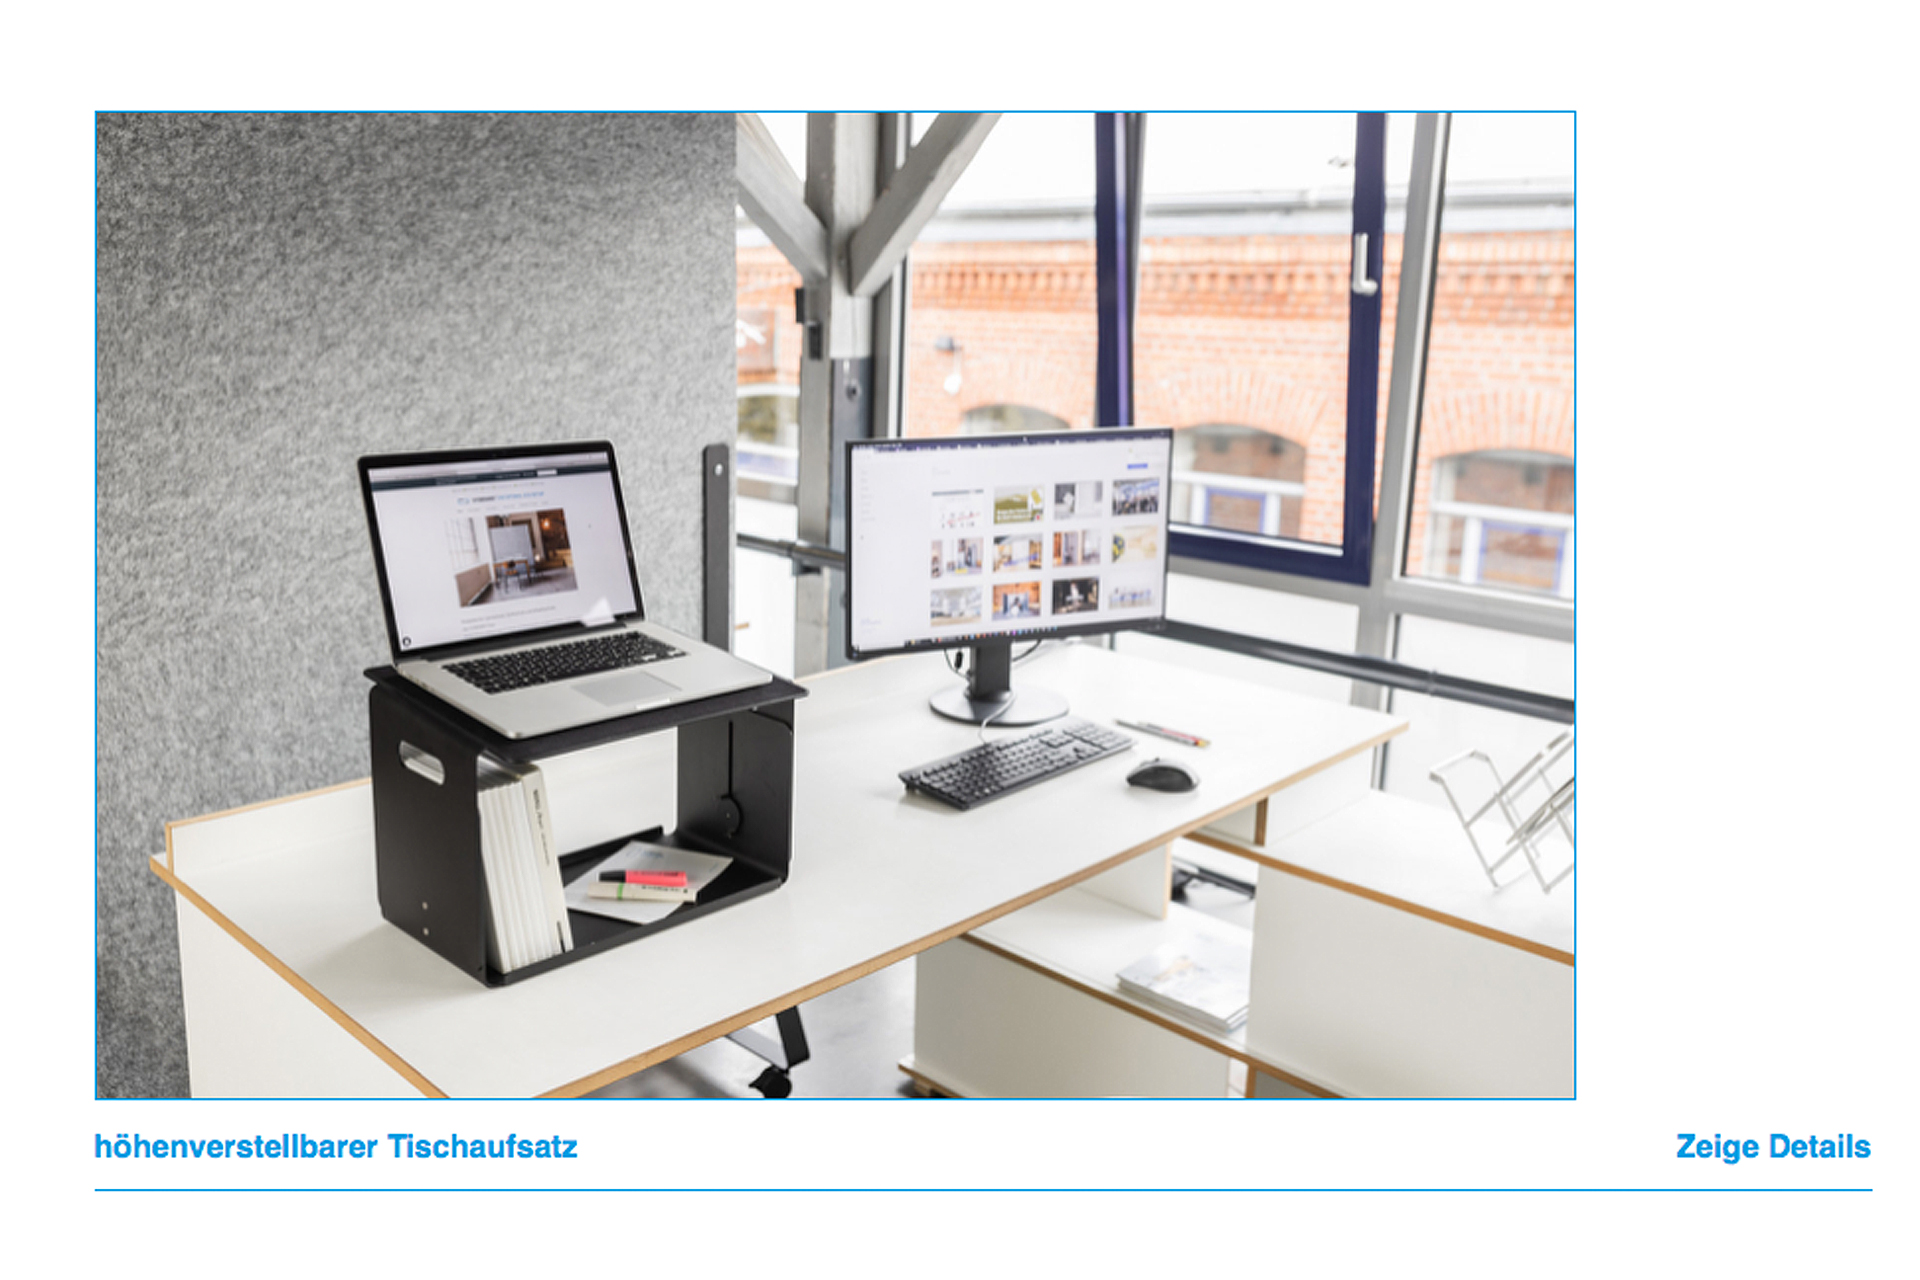 Der ergonomische Schreibtischaufsatz für das Stehenarbeiten